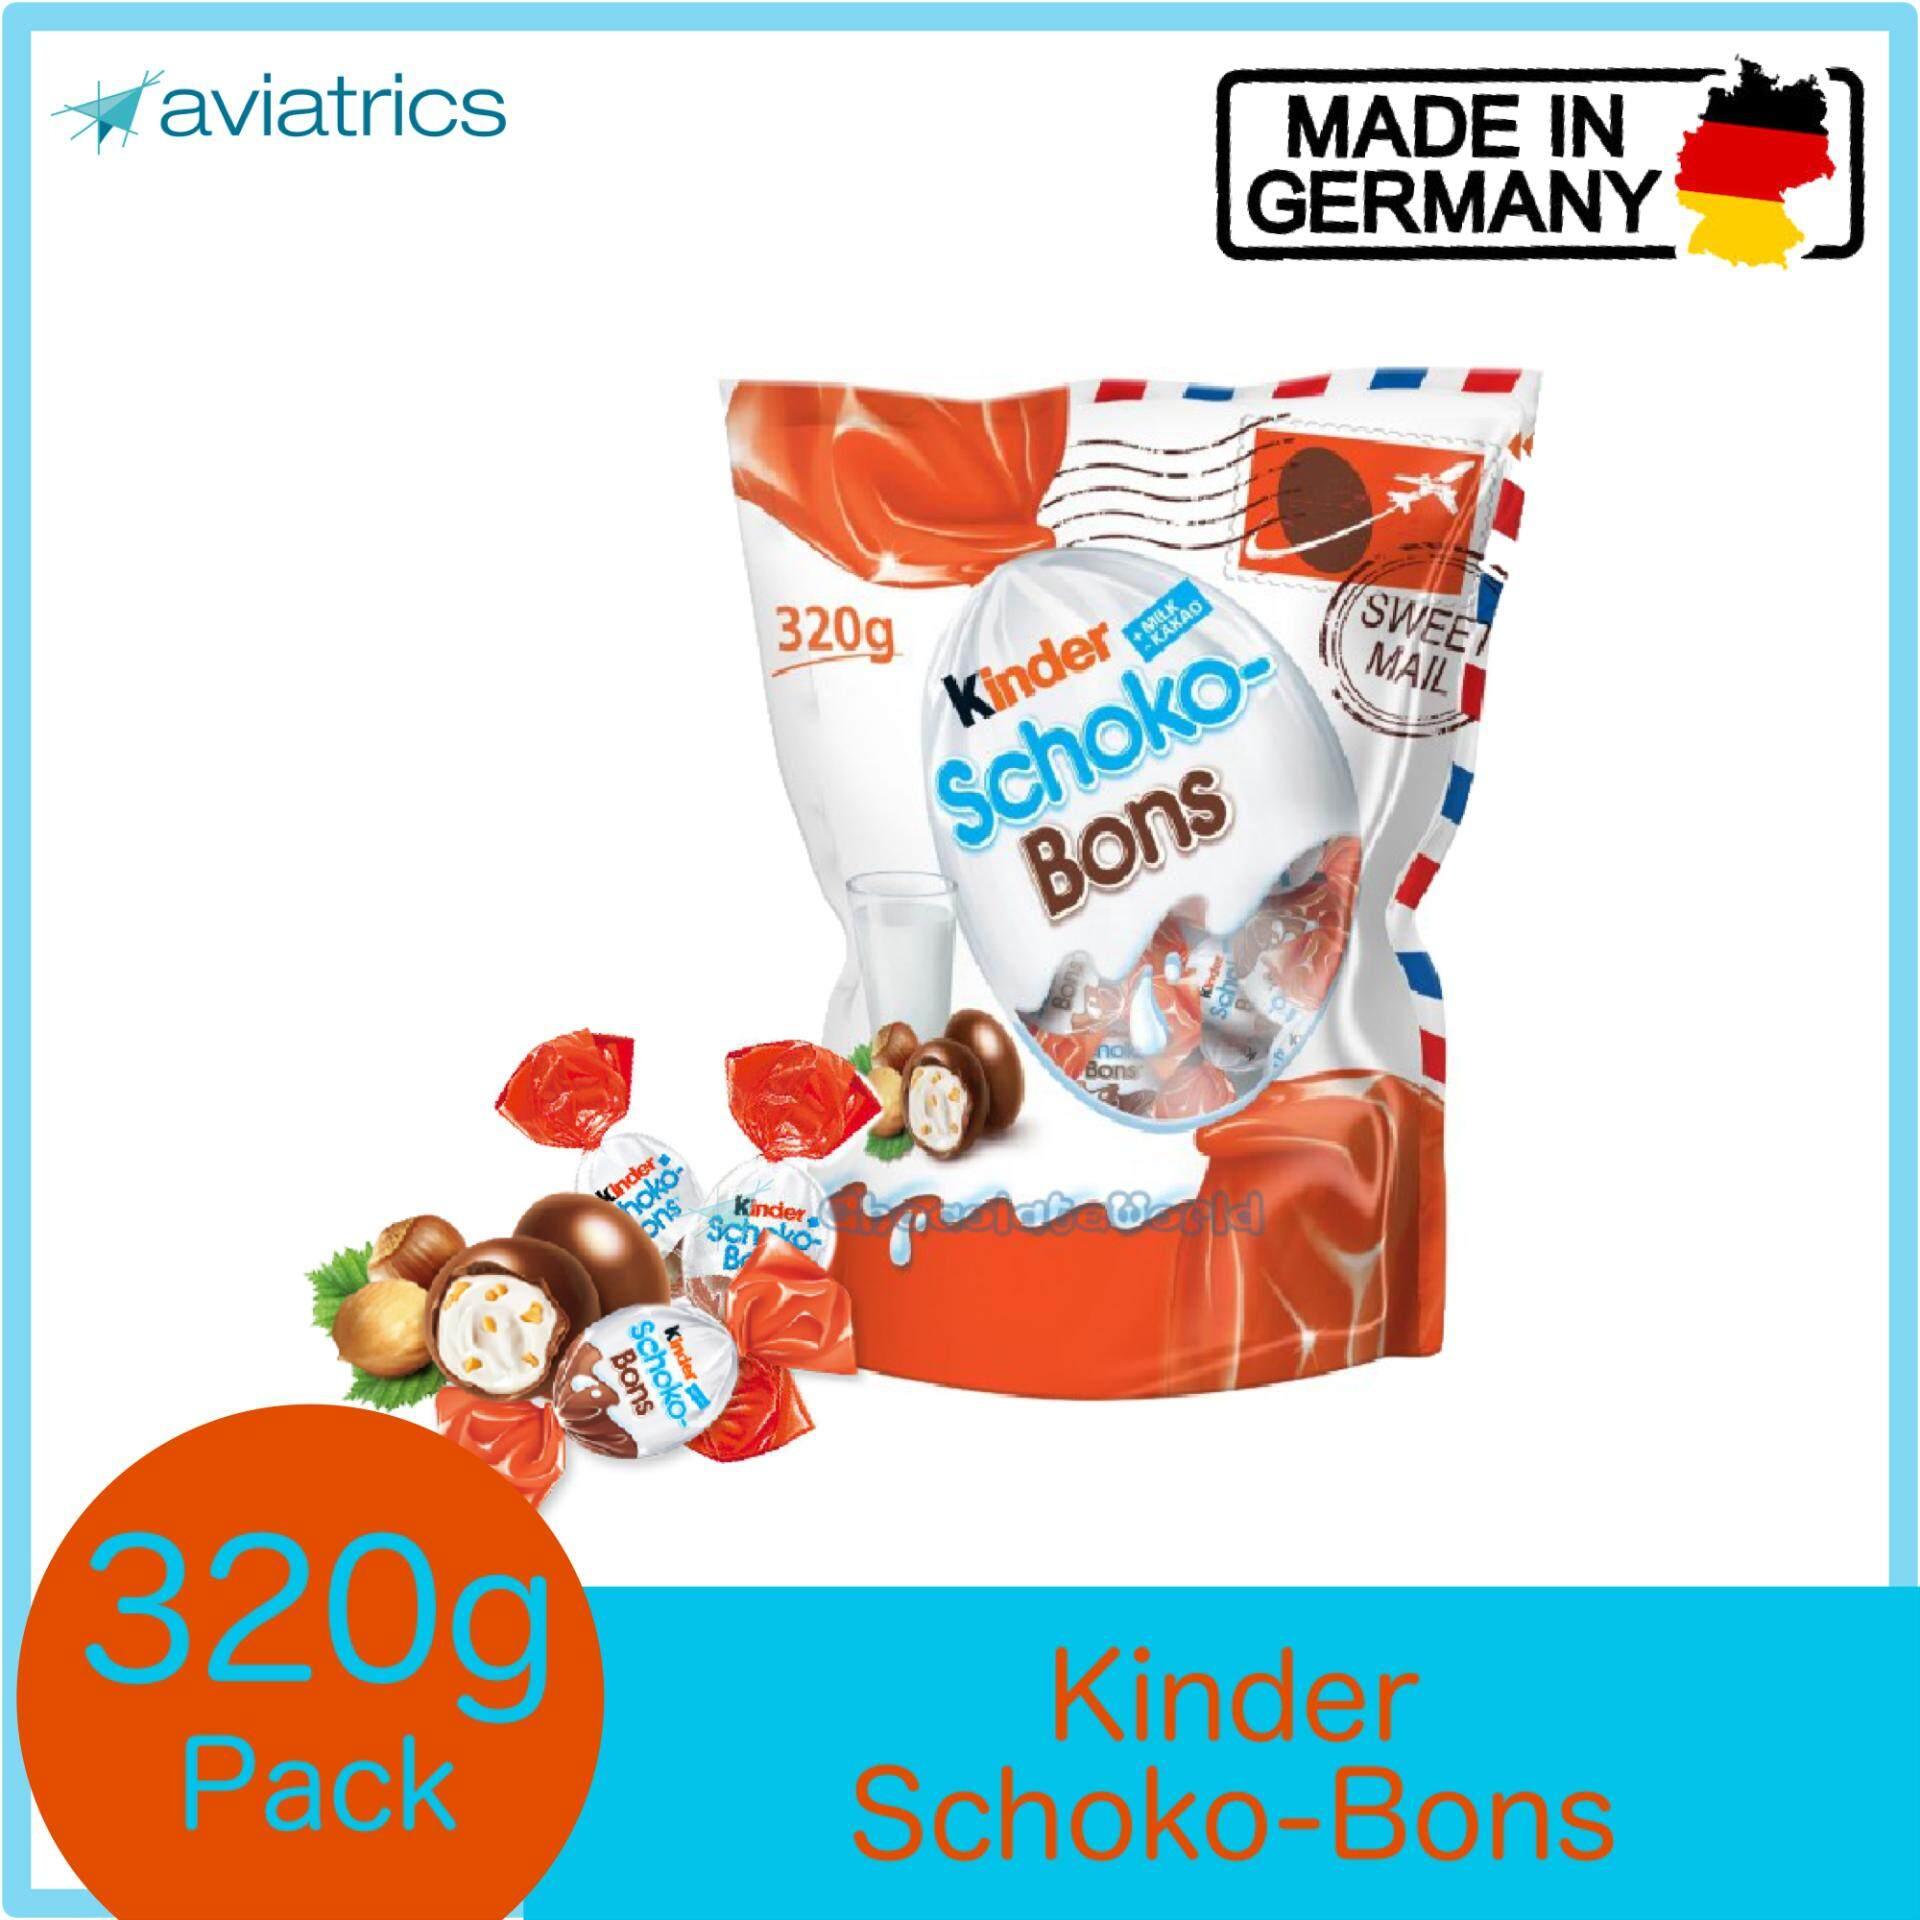 Kinder Schoko Bons Traveller Pack 320g (Made in E.U)